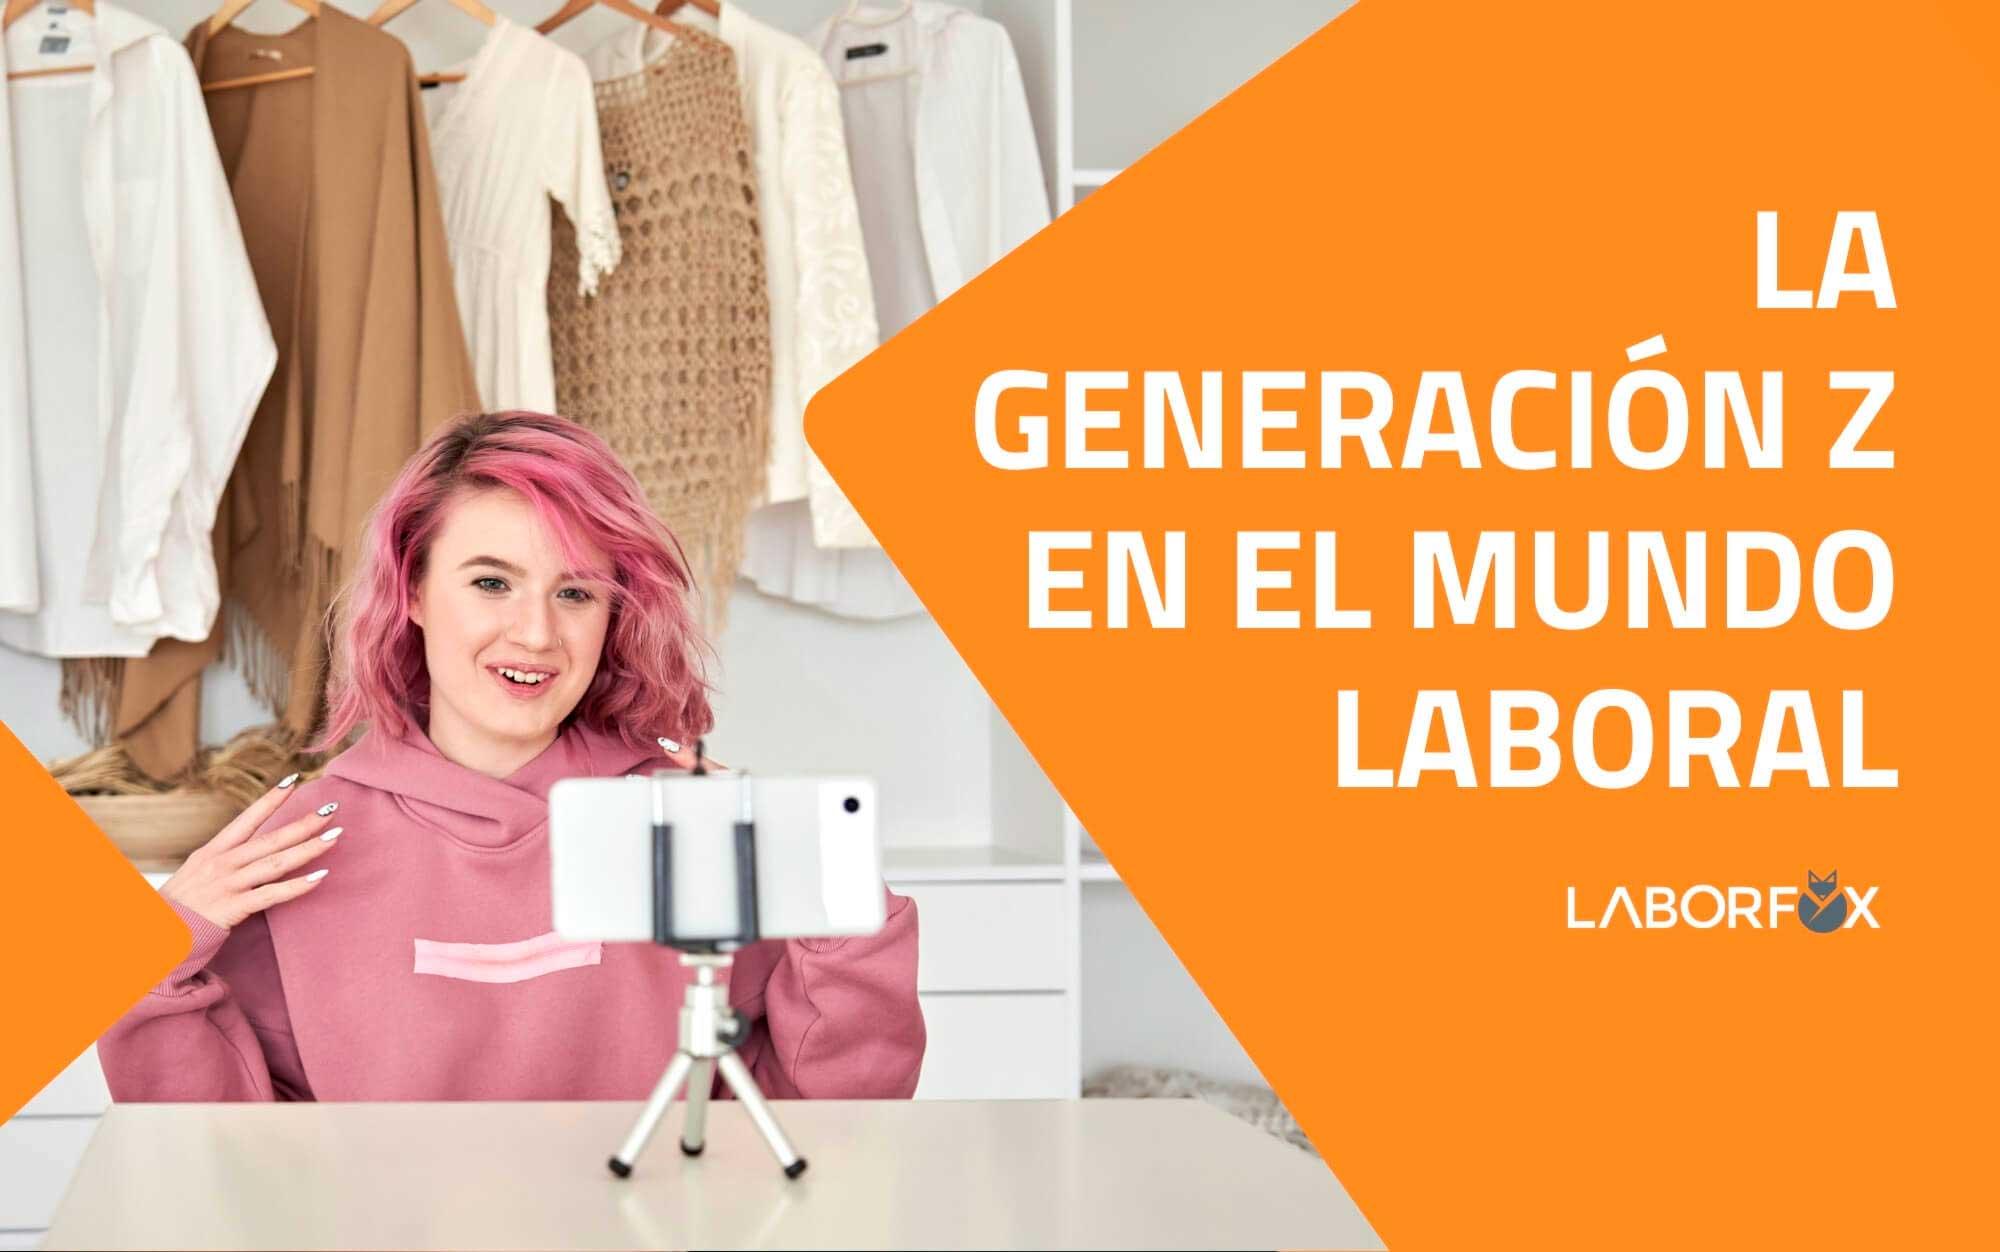 generacion-z-mundo-laboral